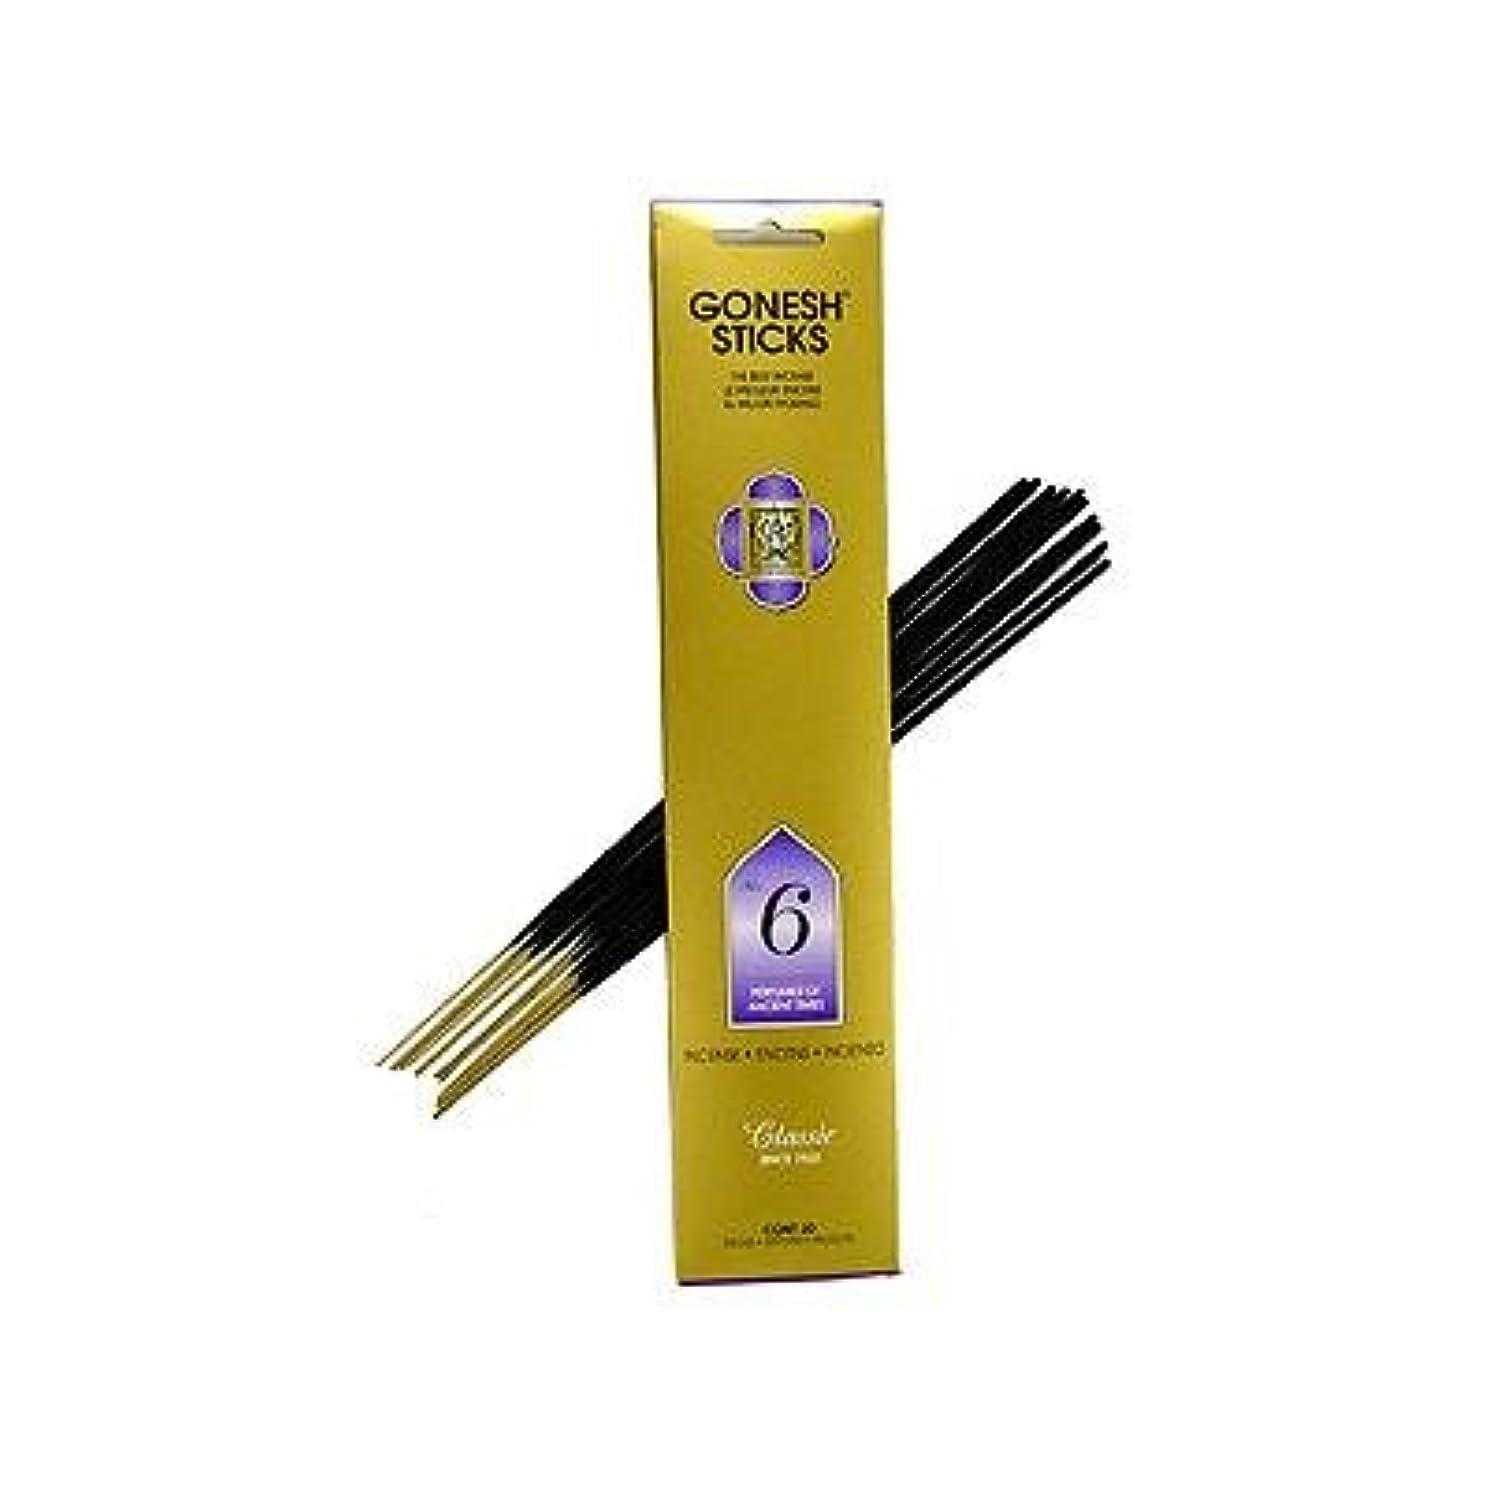 バンケット利益死ぬGonesh ~ No. 6 (Perfumes of Ancient Times) ~ Incense Sticks ~ Pack of 4 by Gonesh [並行輸入品]